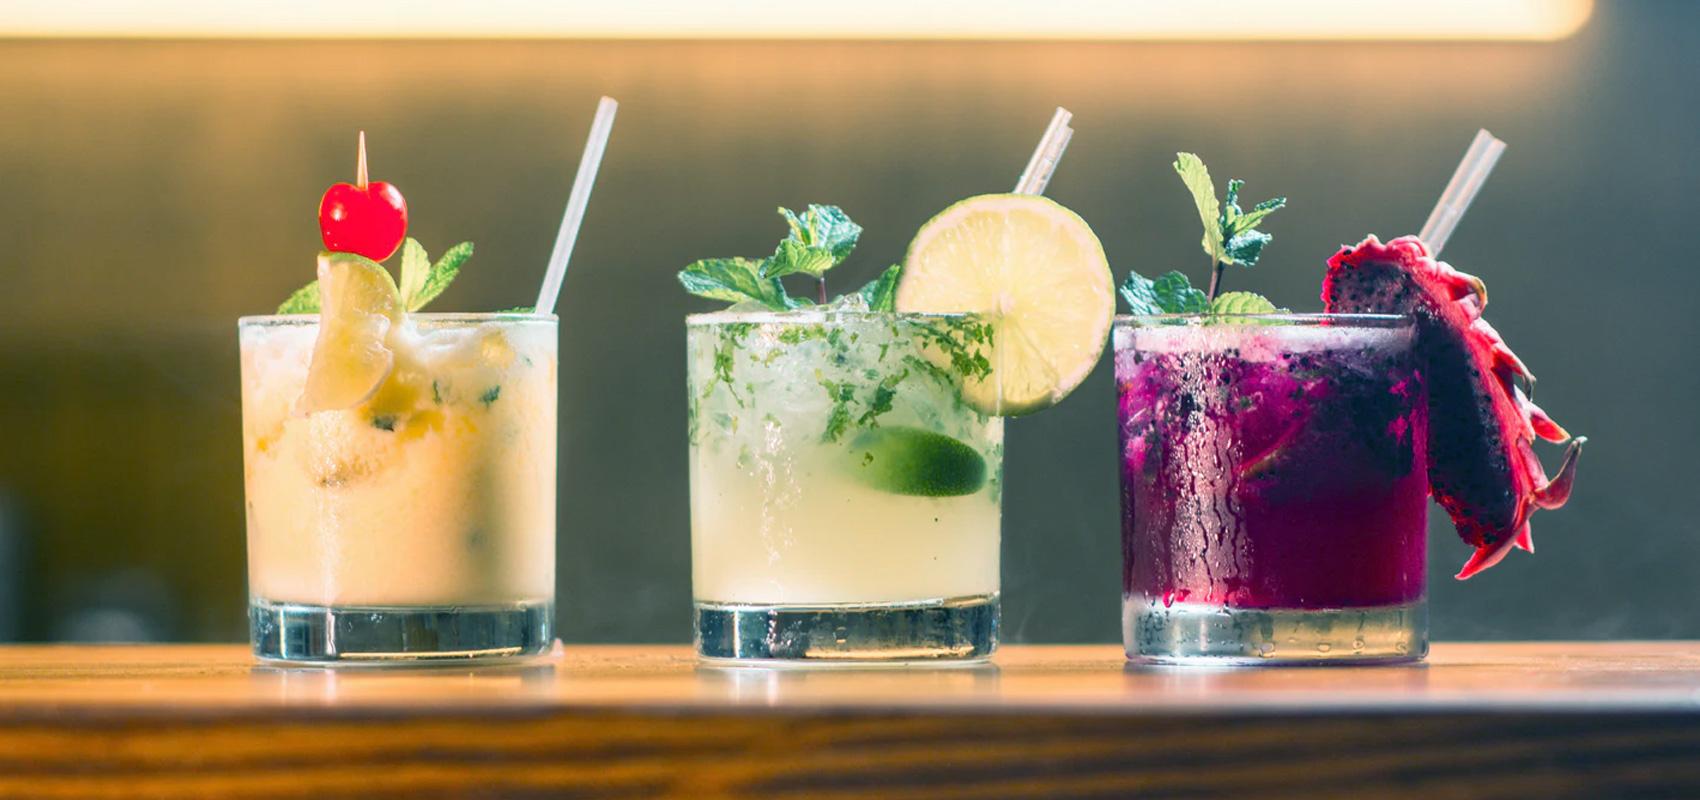 Park City Area Restaurant Association Cocktail Guide Image